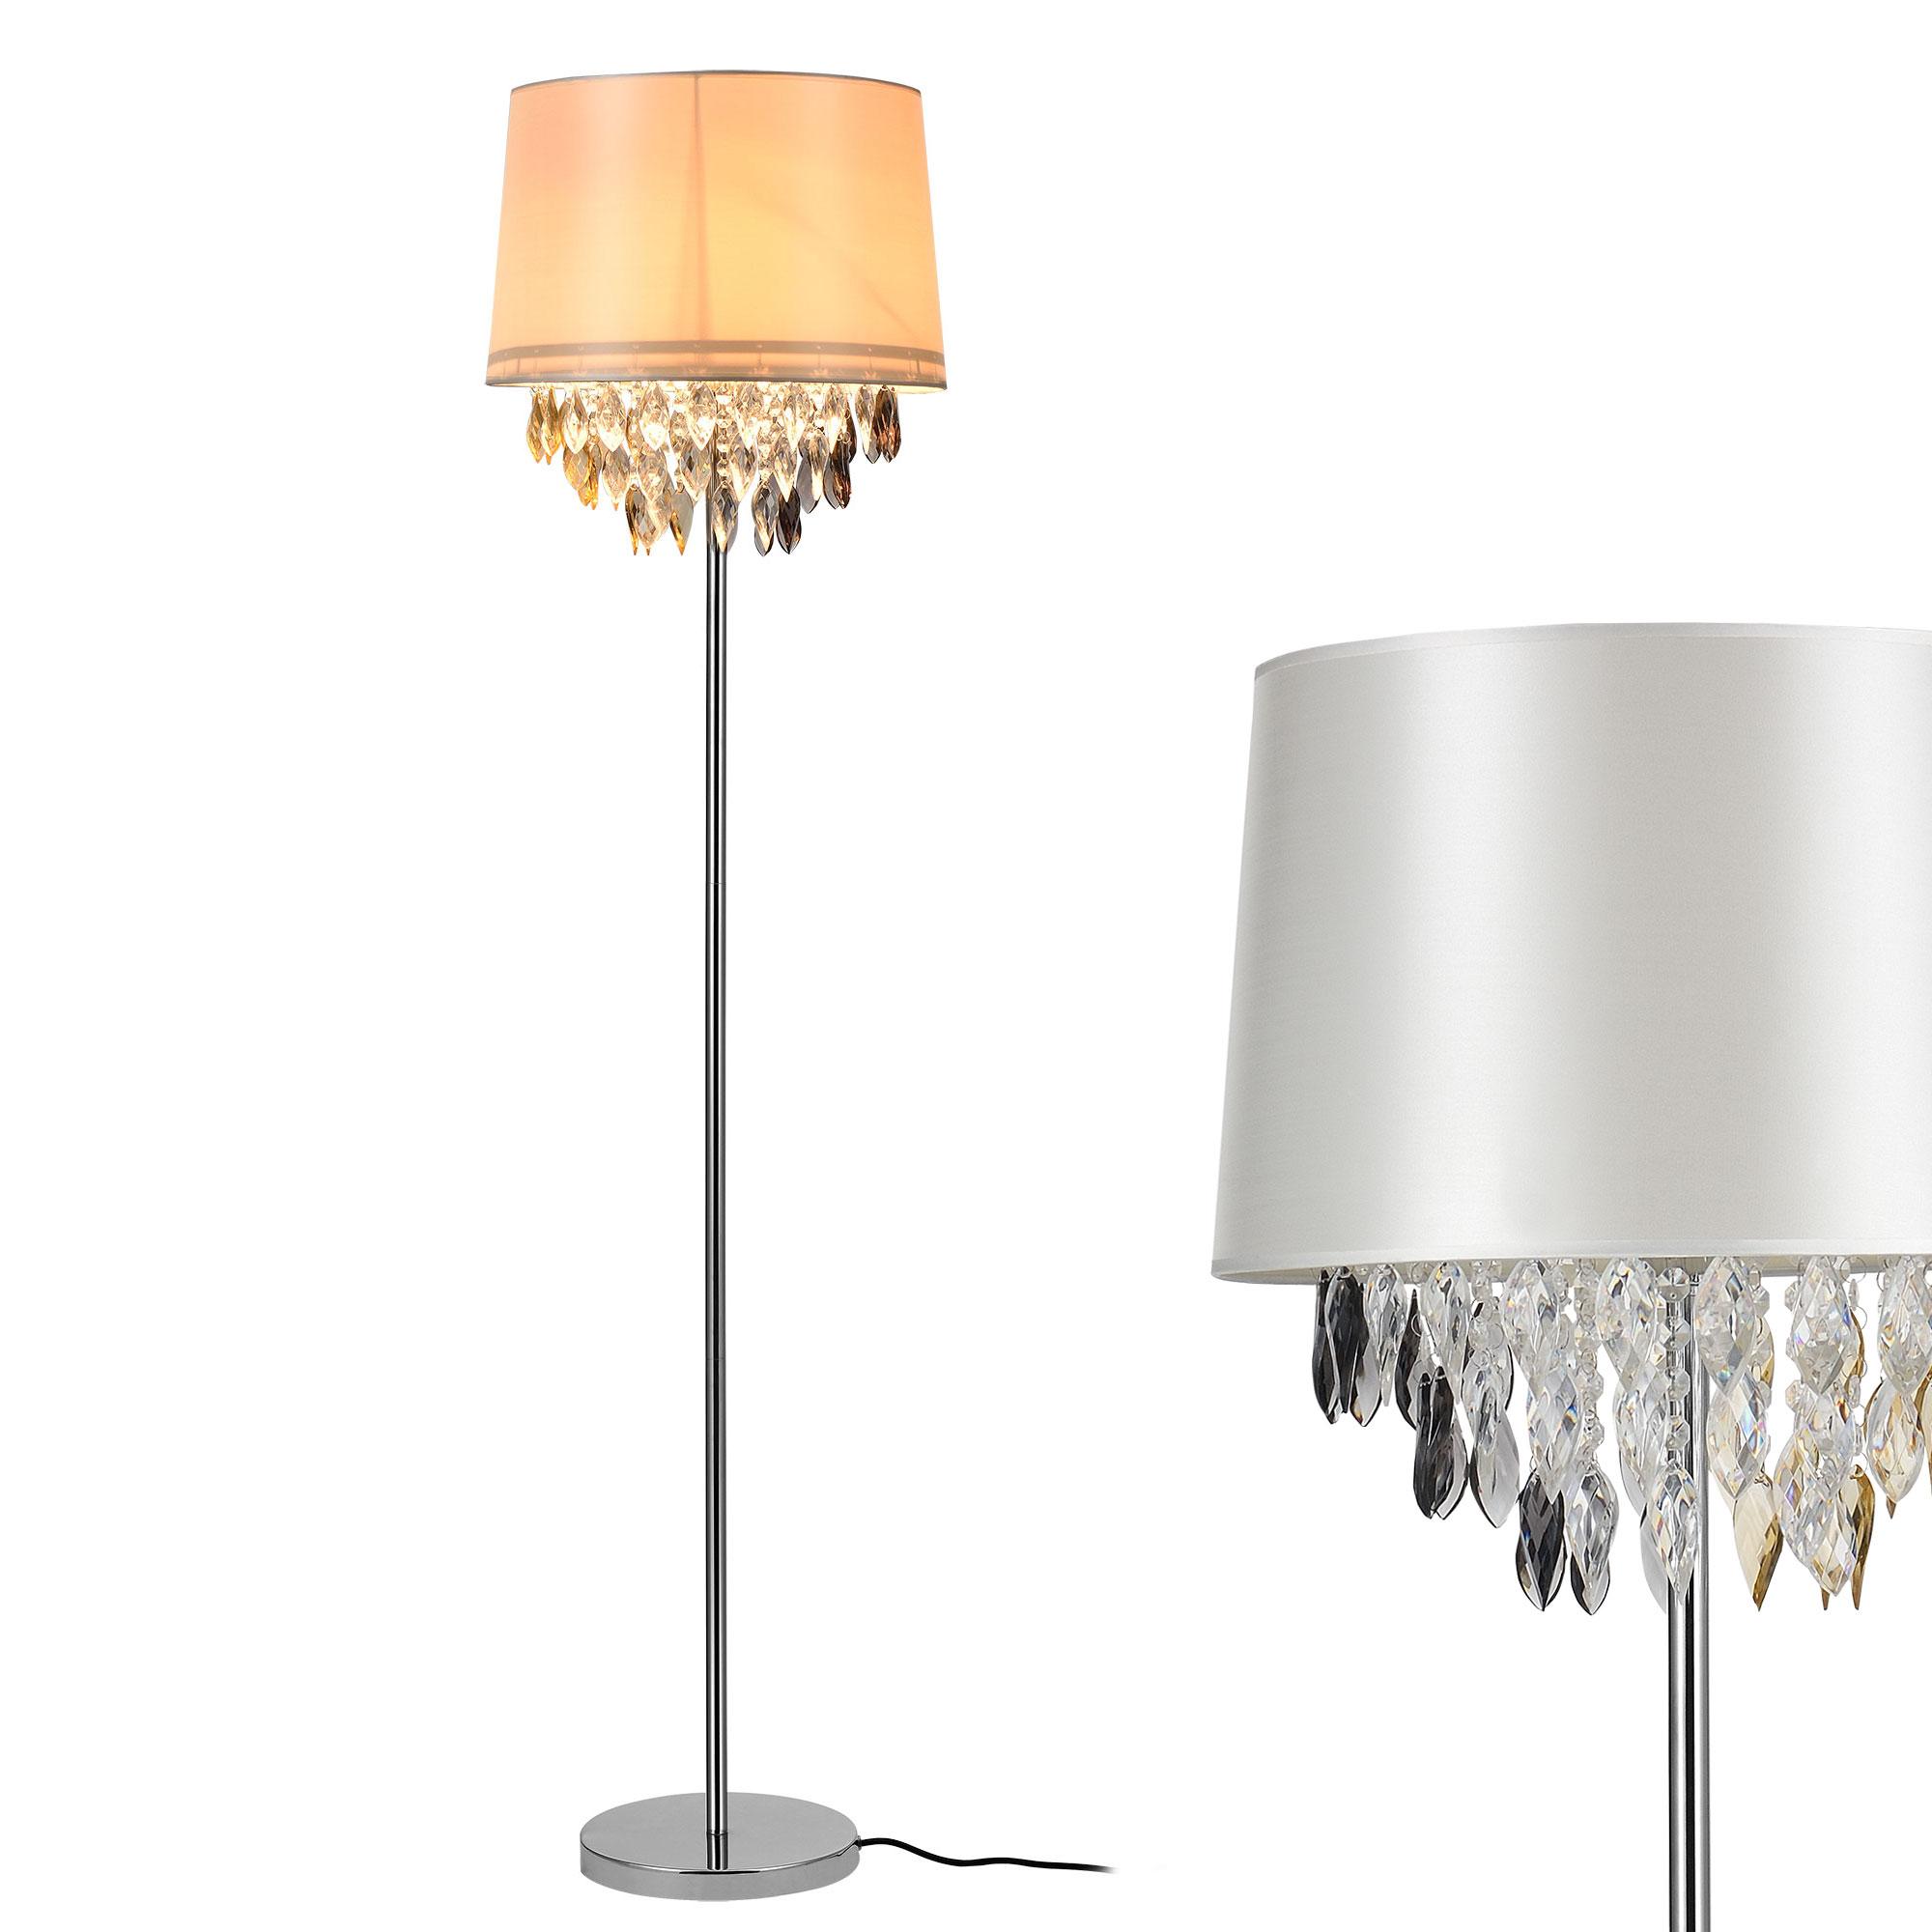 luxpro stehleuchte stehlampe lampe wohnzimmerlampe leuchte standleuchte kristall ebay. Black Bedroom Furniture Sets. Home Design Ideas